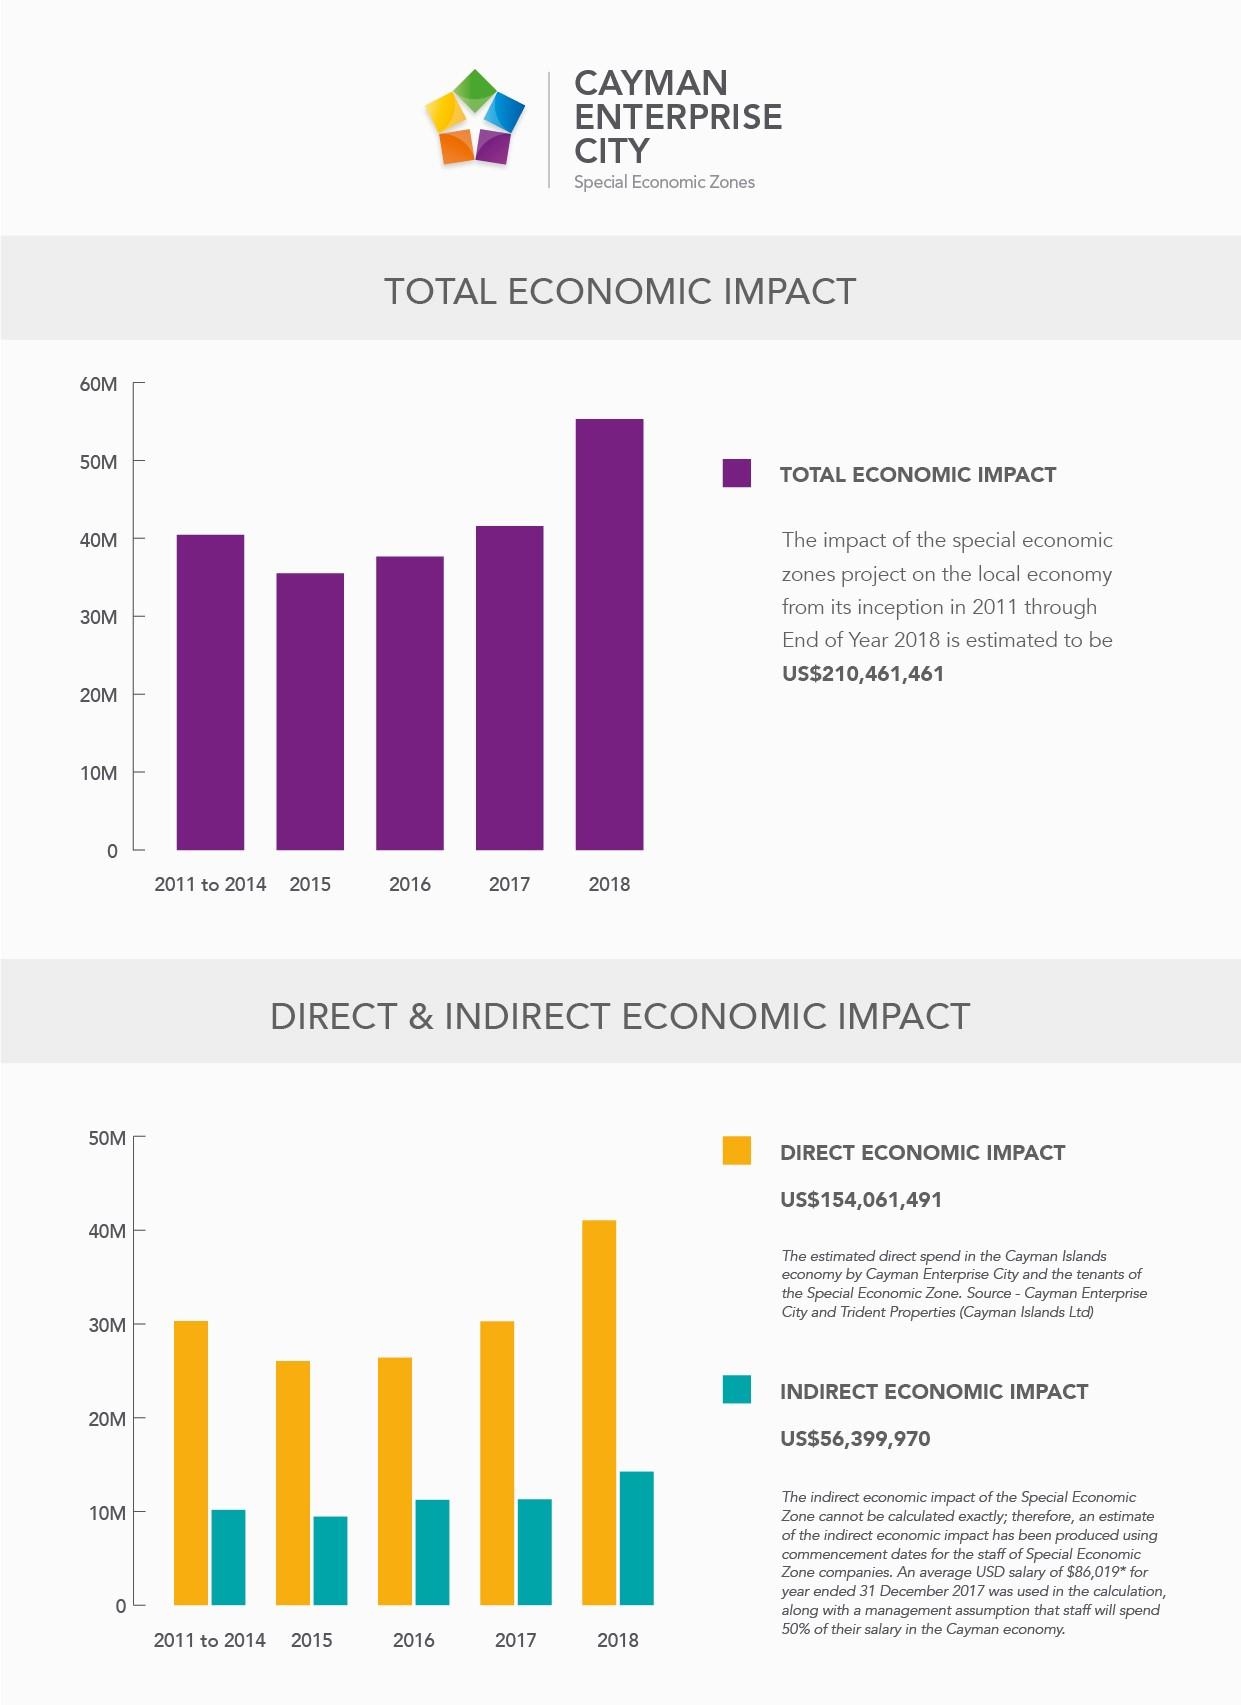 Economic Impact Cayman Enterprise City 2018